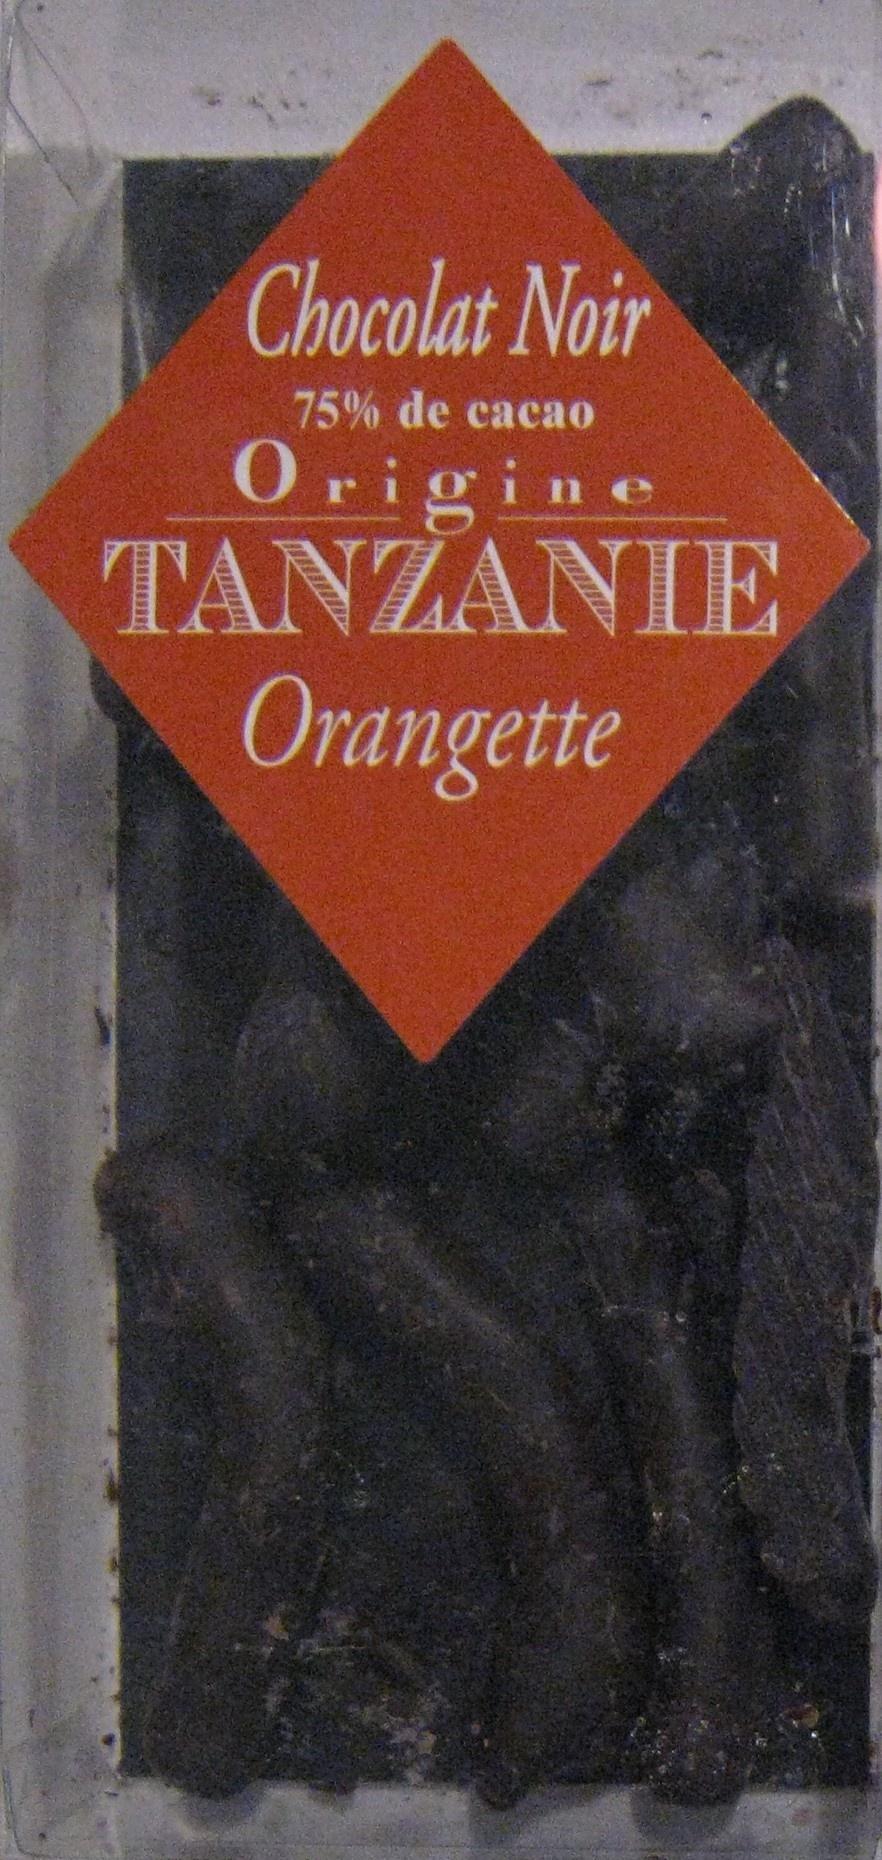 Orangettes chocolat noir origine Tanzanie Chocolaterie C.D.A. - Produit - fr